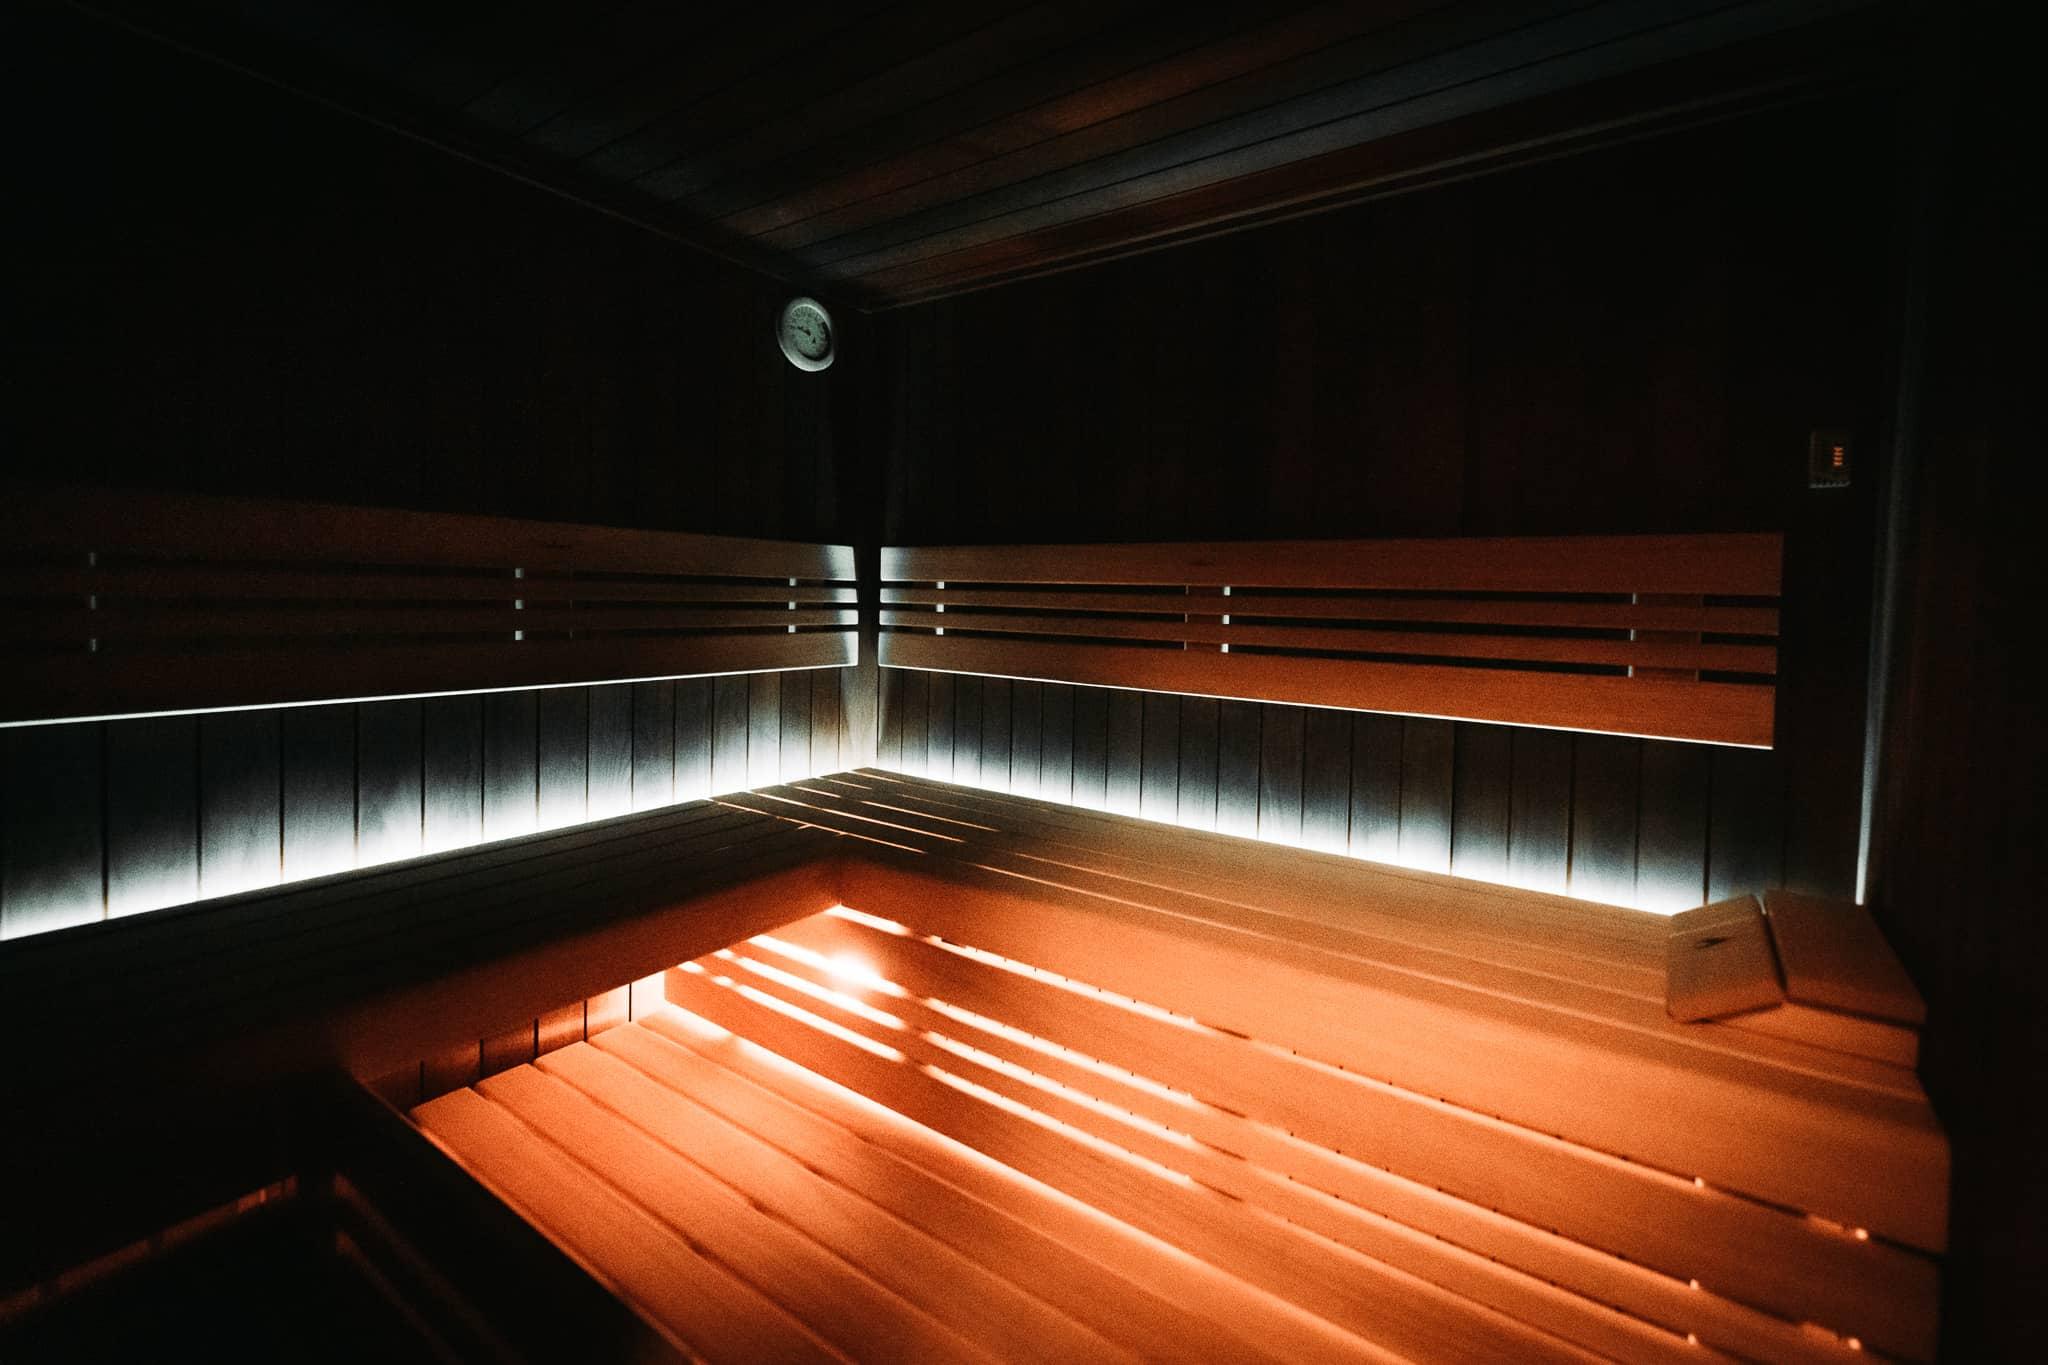 Infra lavice wellness centra v Resortu Svět.